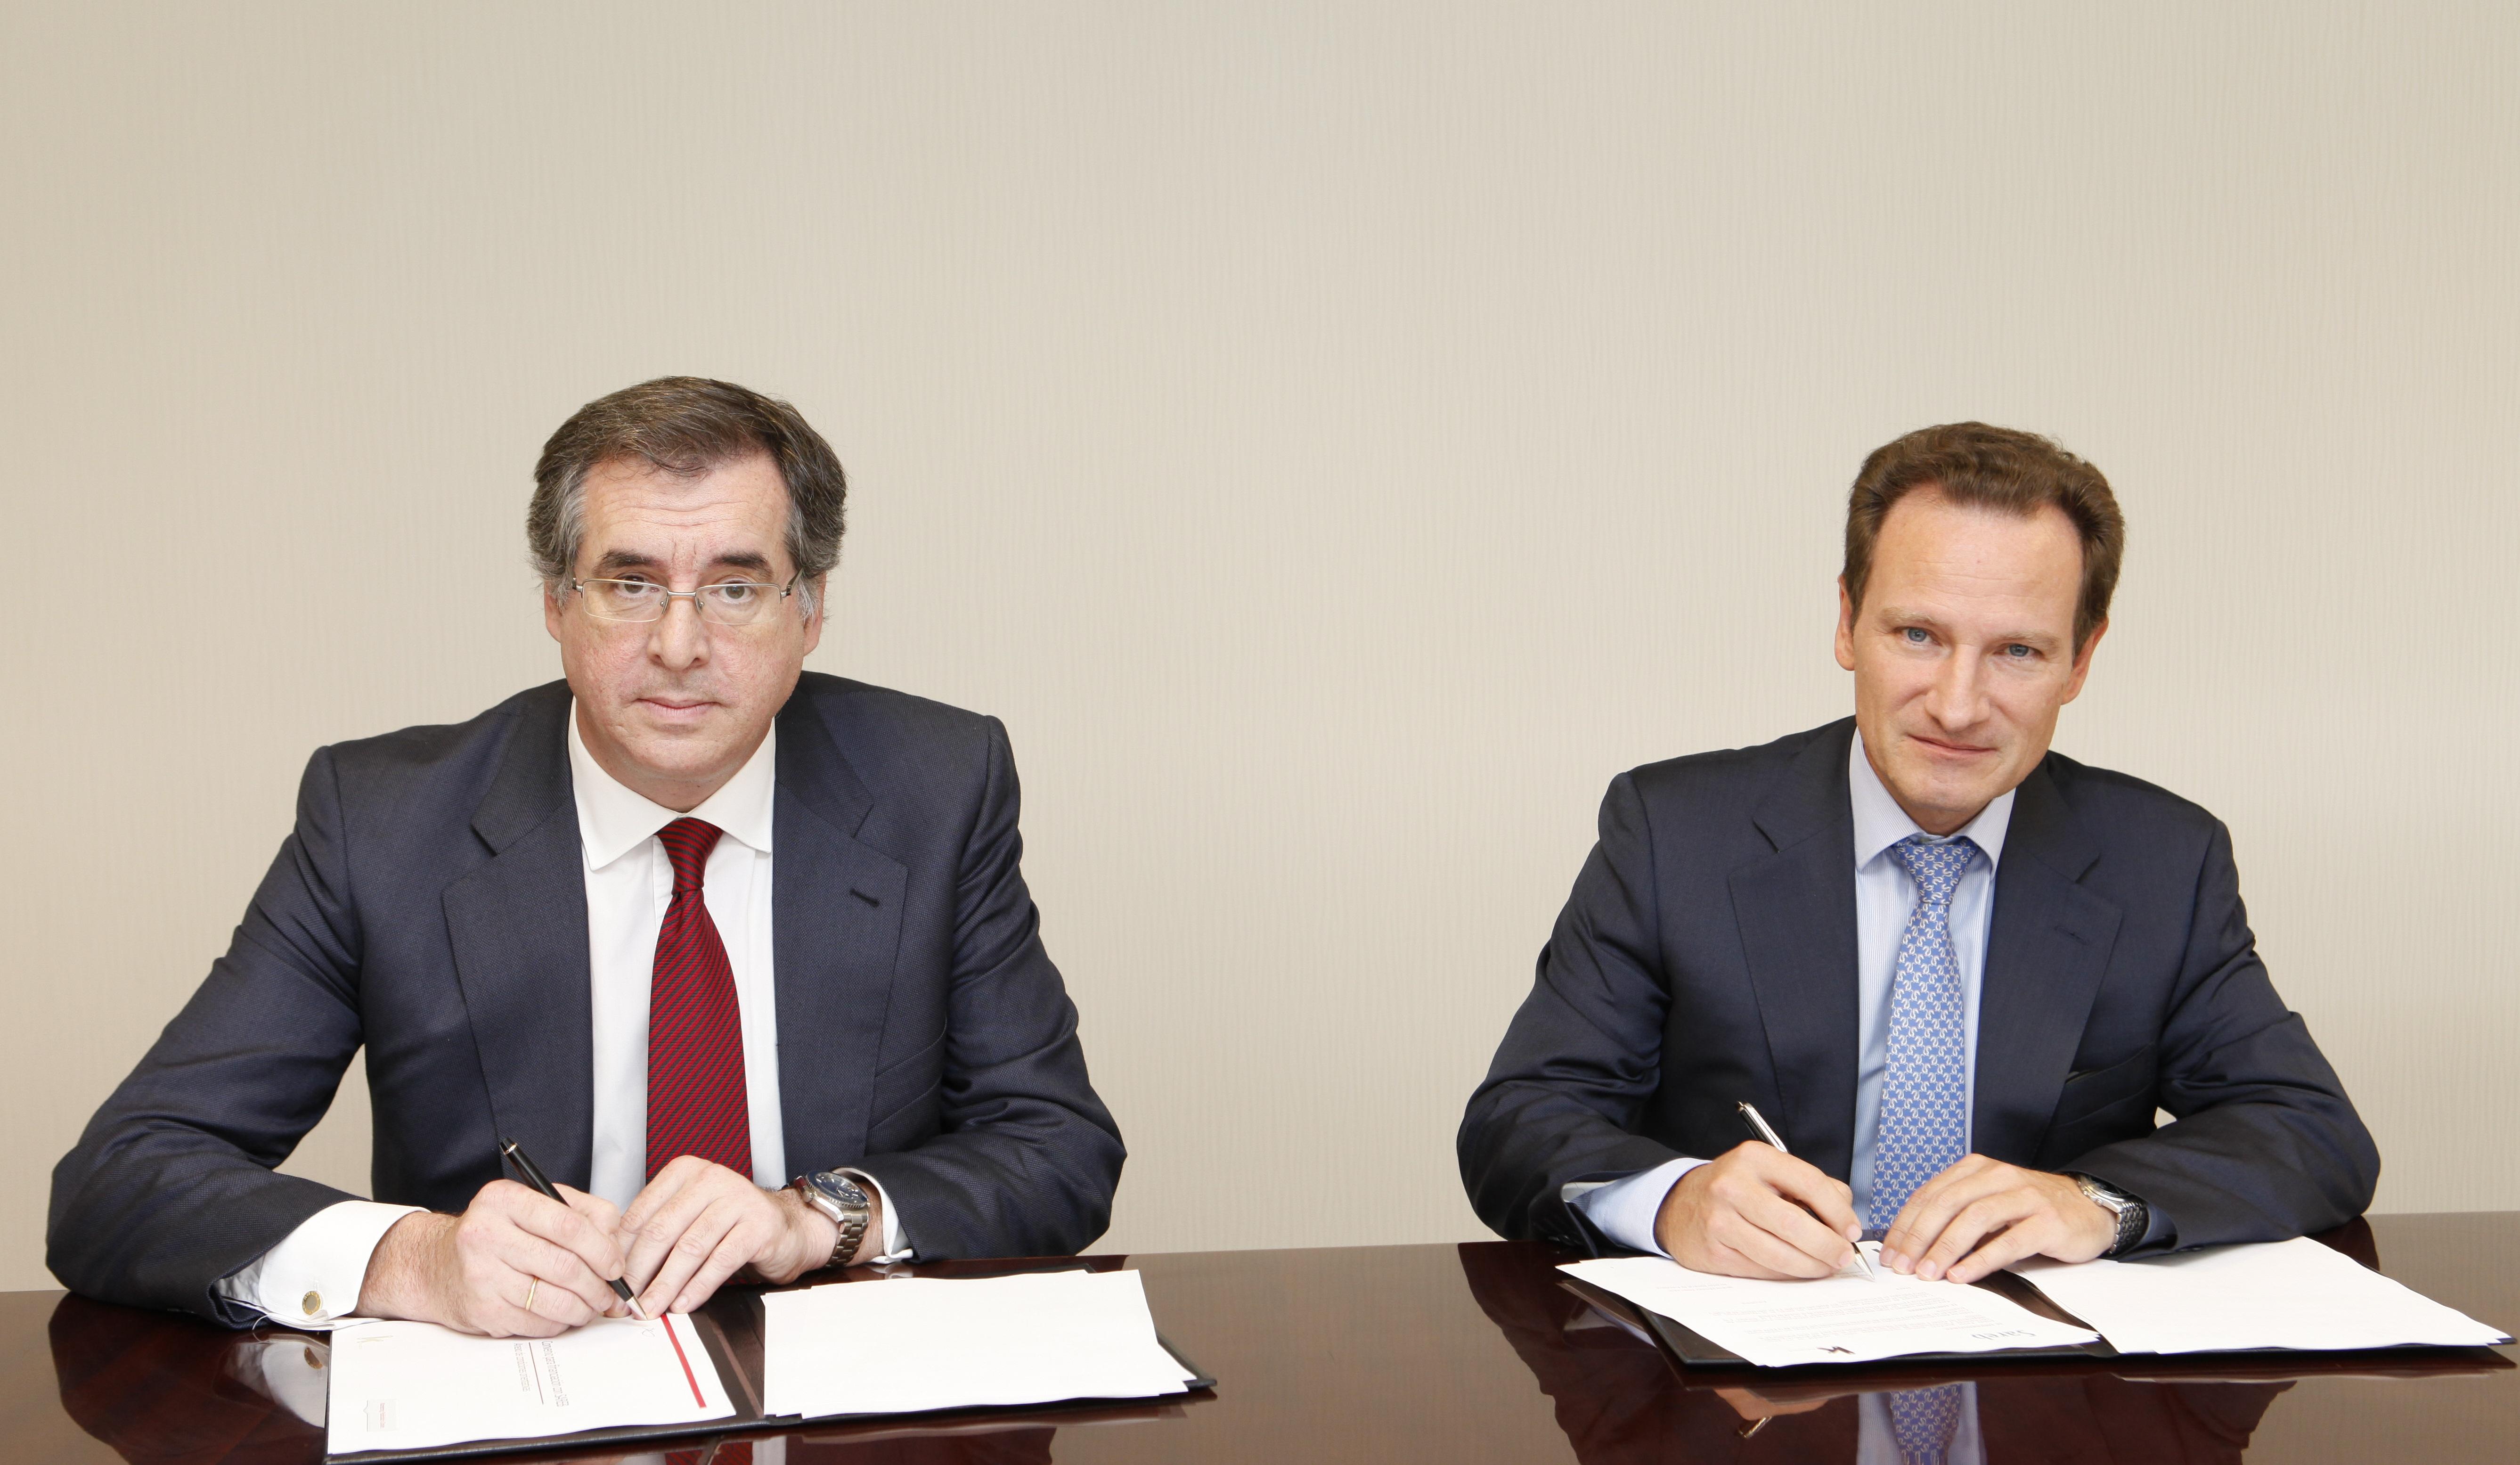 walter de luna, director general de sareb, e ignacio sánchez asiaín, director general de kutxabank, firman el acuerdo